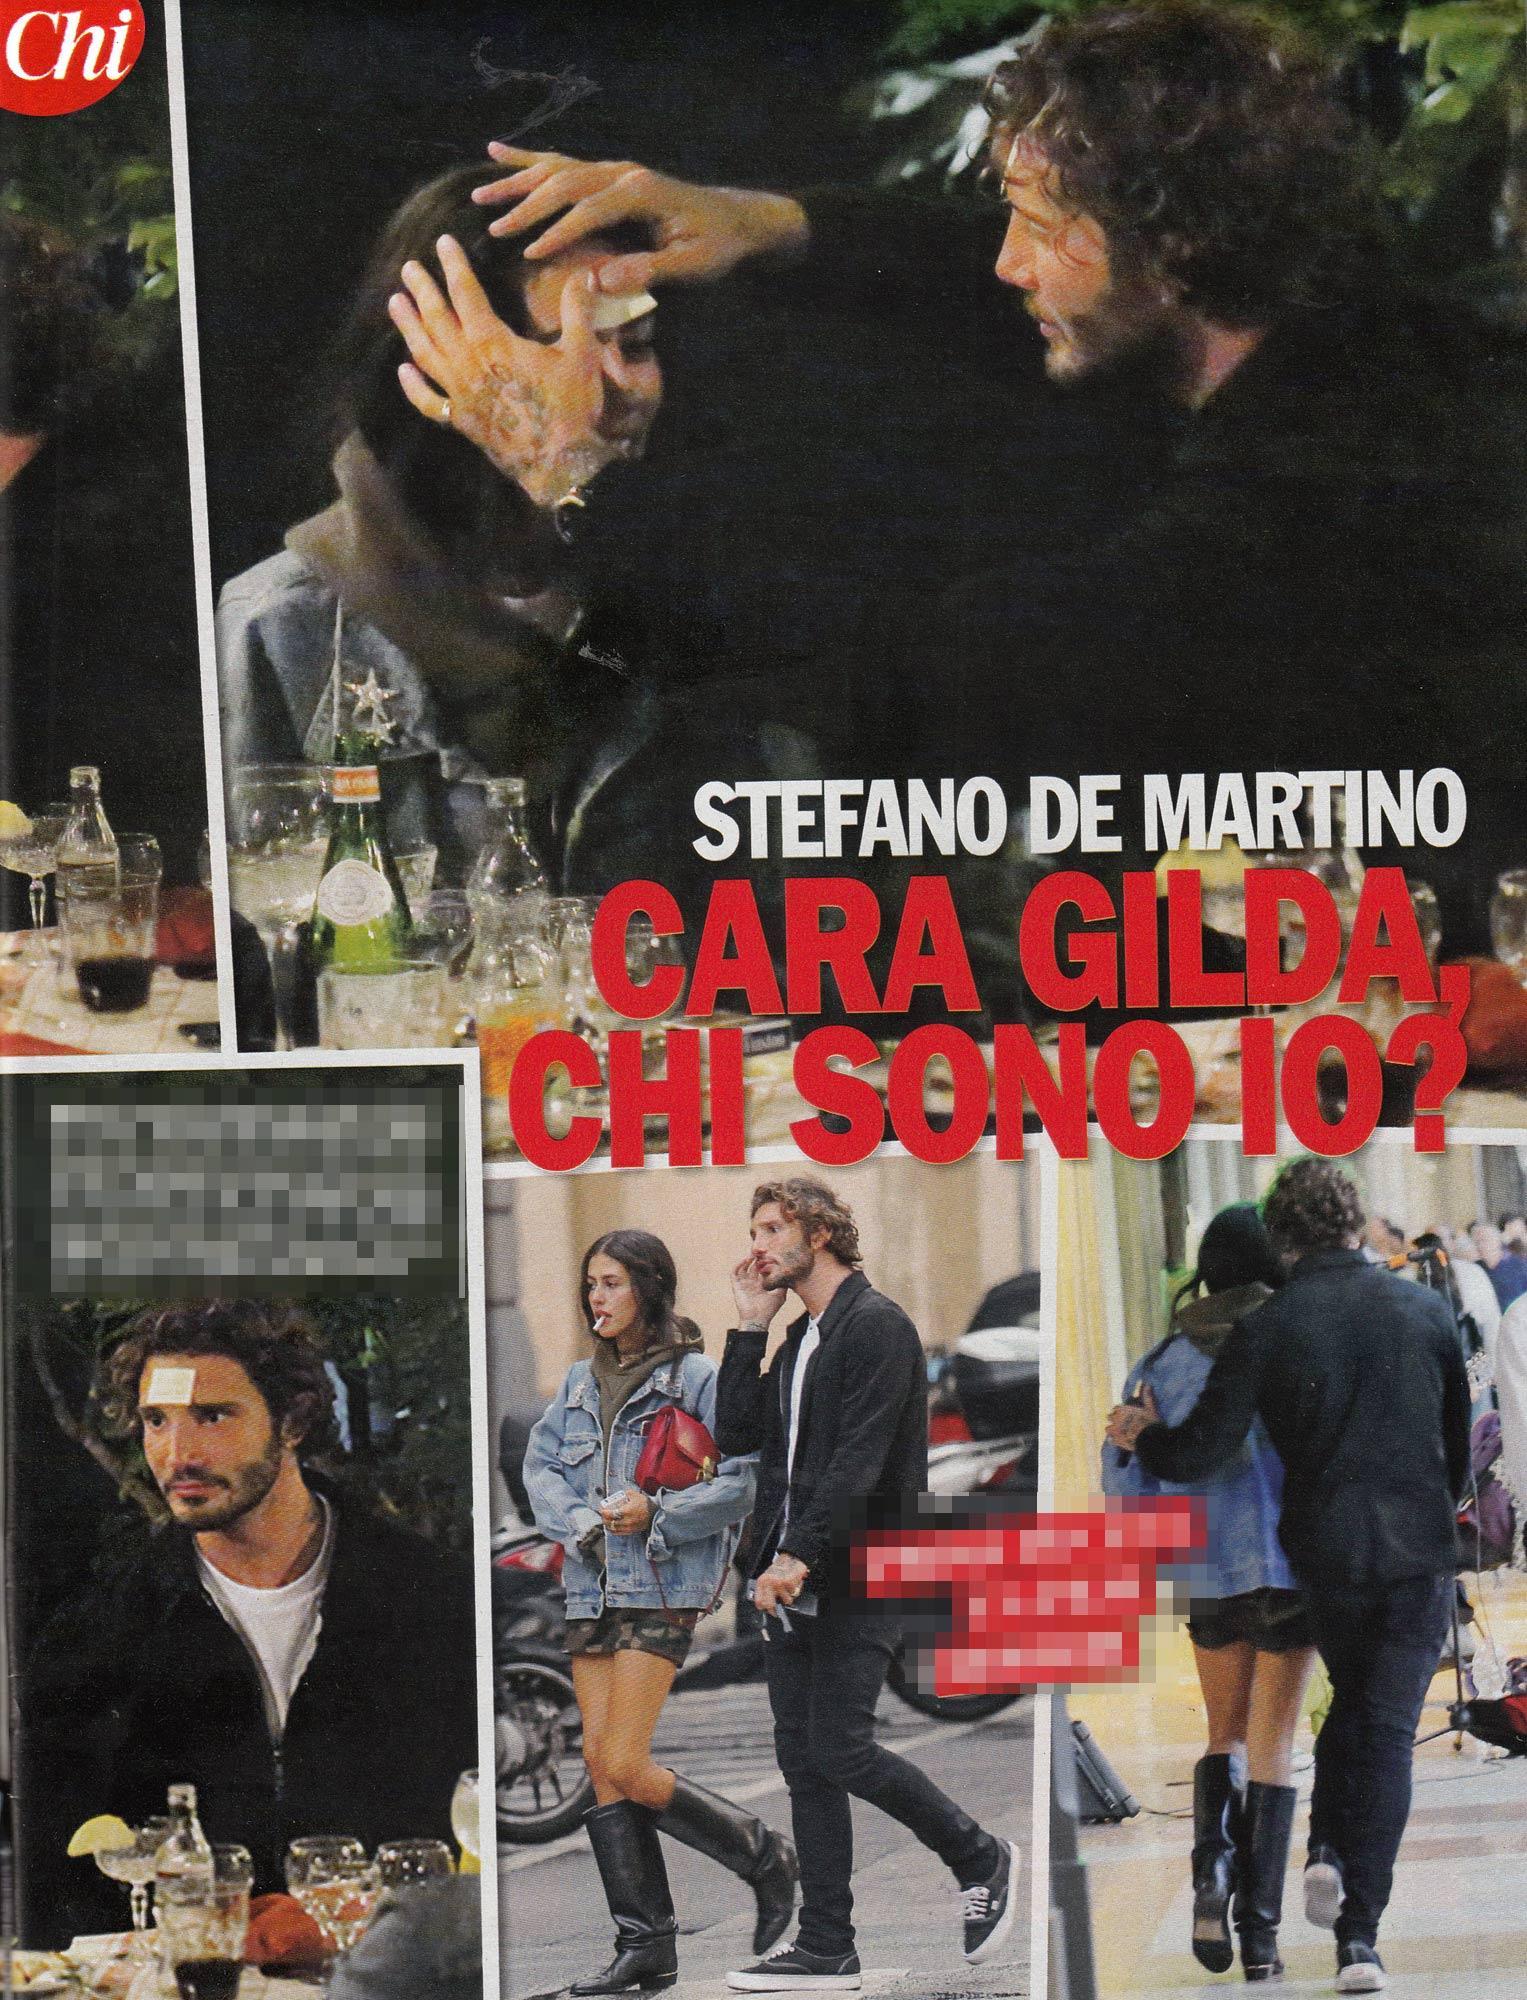 Stefano De Martino, cena e cinema con Gilda